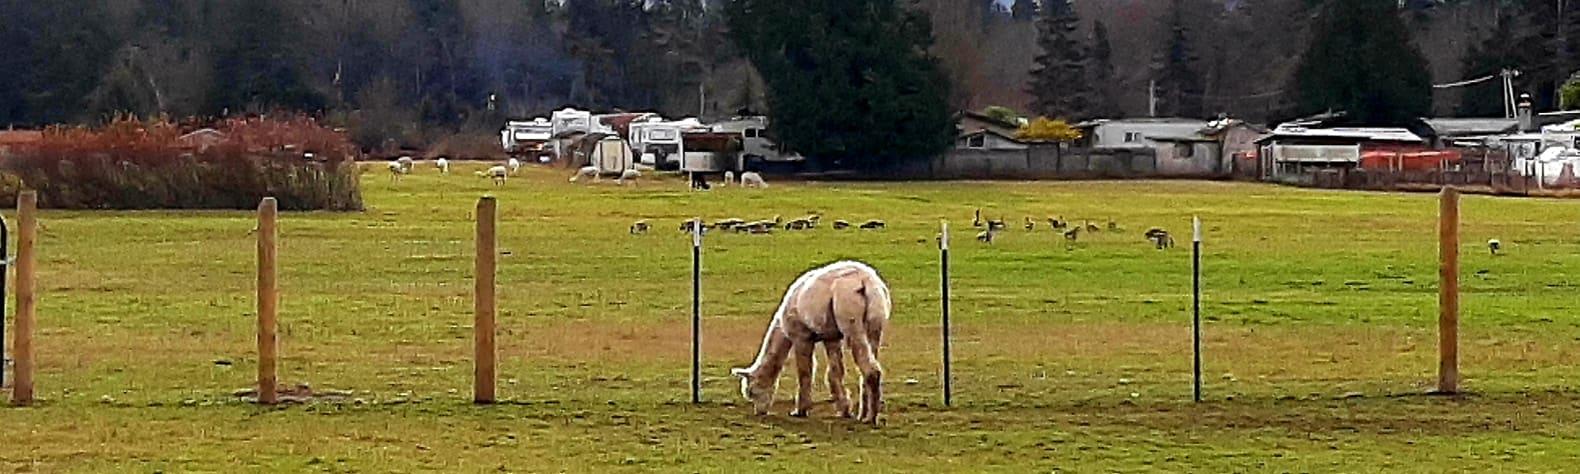 Run with the Alpacas Camp